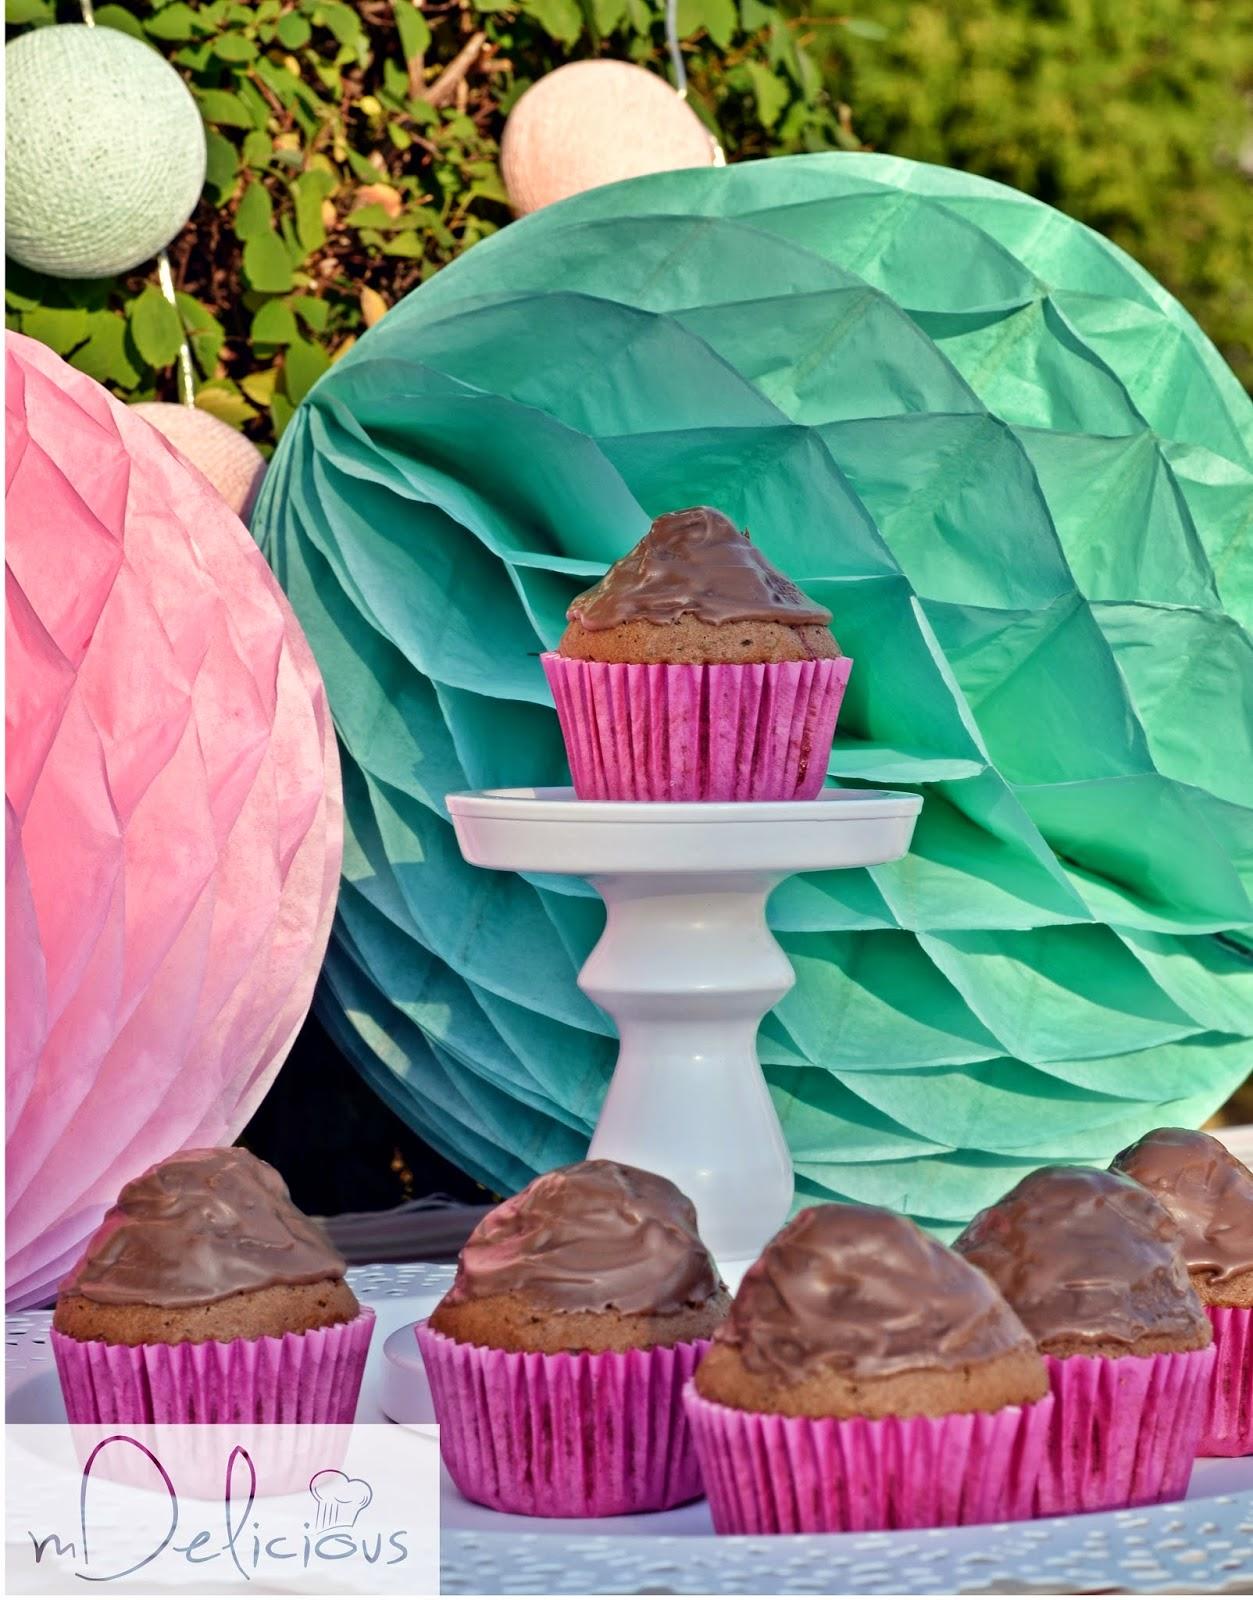 muffiny czekoladowe, babeczki czekoladowe, muffinki kajmakowe, muffinki z kamjakiem przepis, babeczki przepis